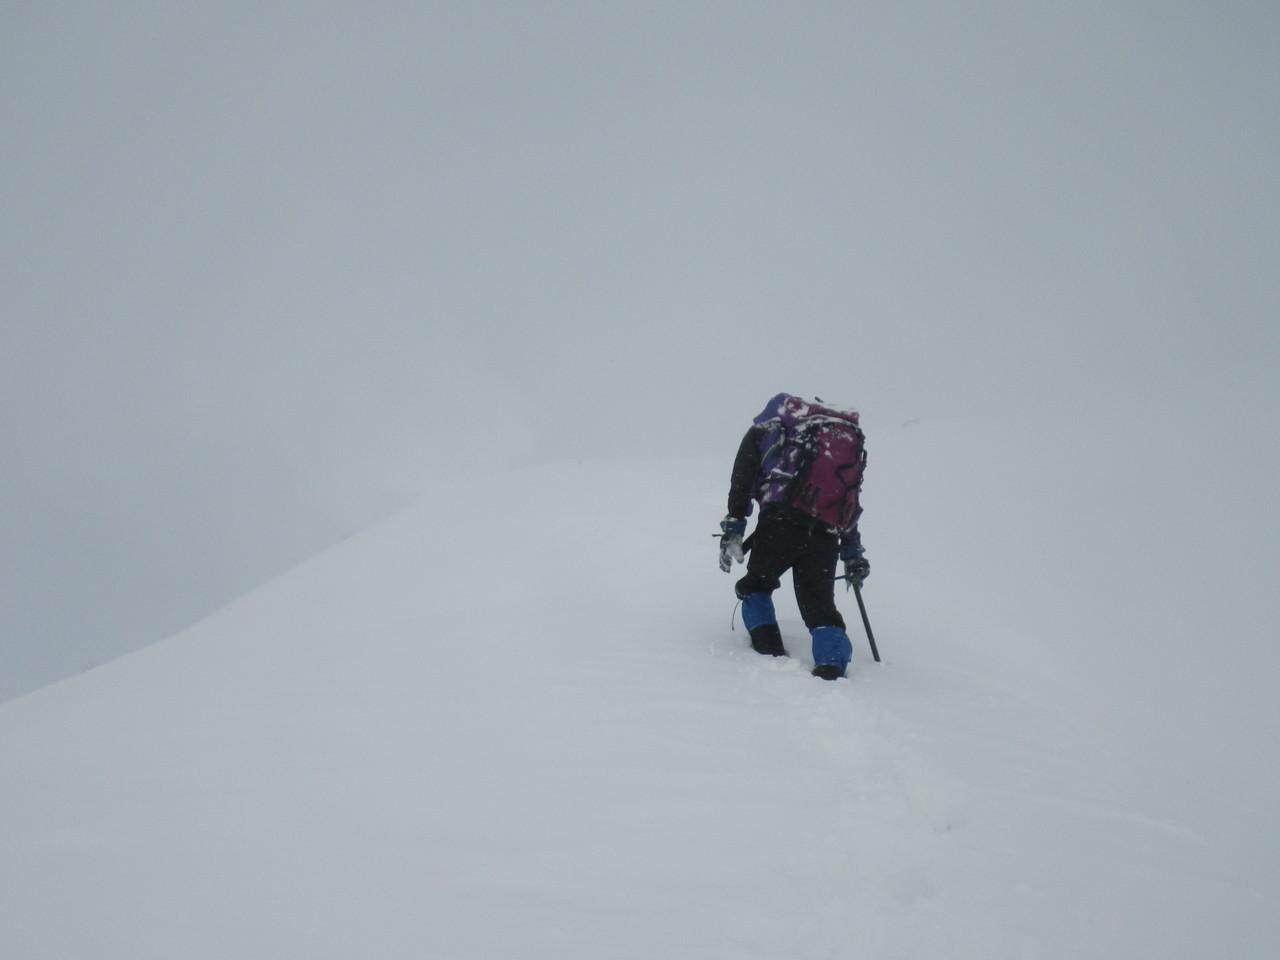 ホワイトアウトでルート探しに苦労 一瞬の雲の切れ間を待ってルート判断。ひたすらラッセル。